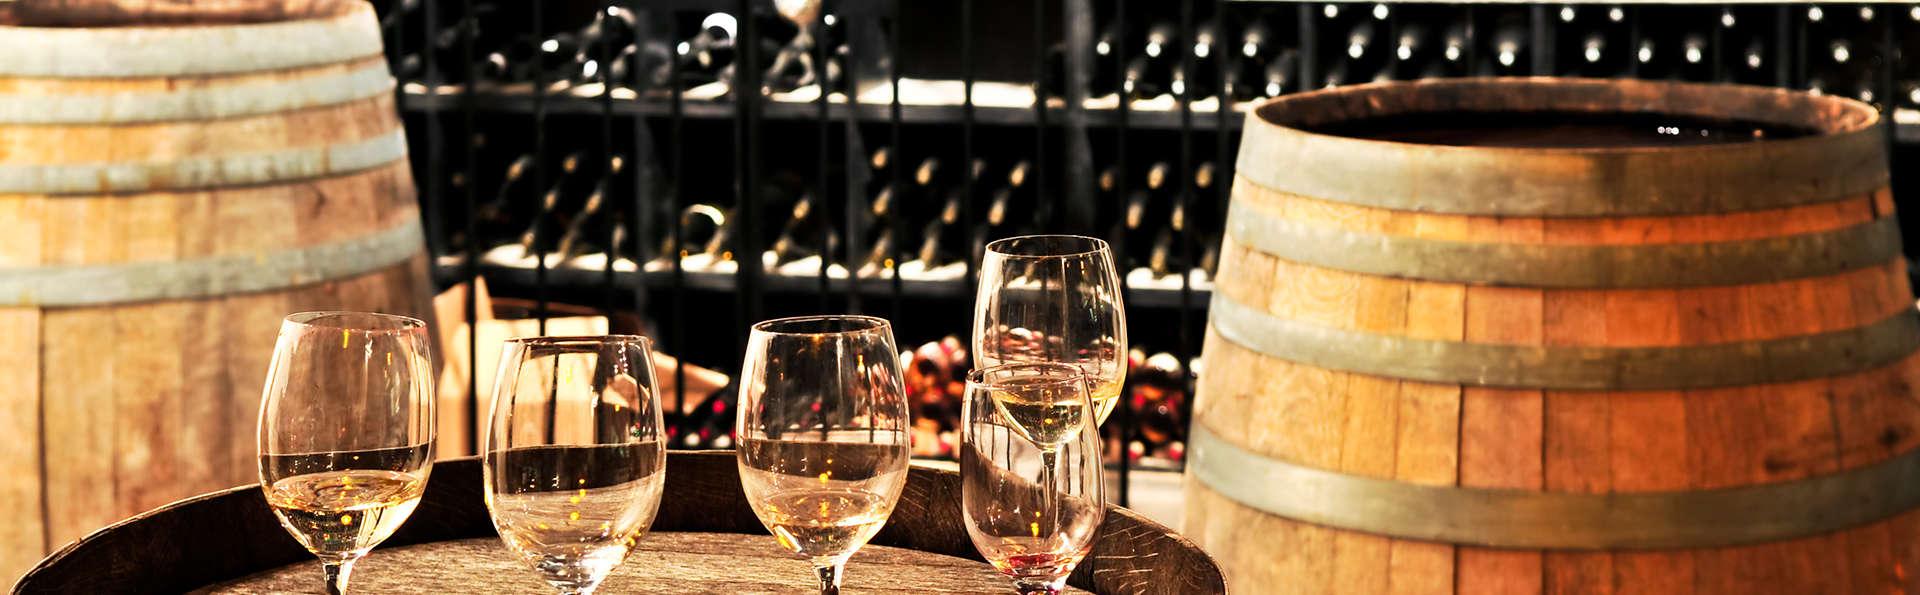 Découvrez les arômes du Somontano avec une dégustation de vins de la région